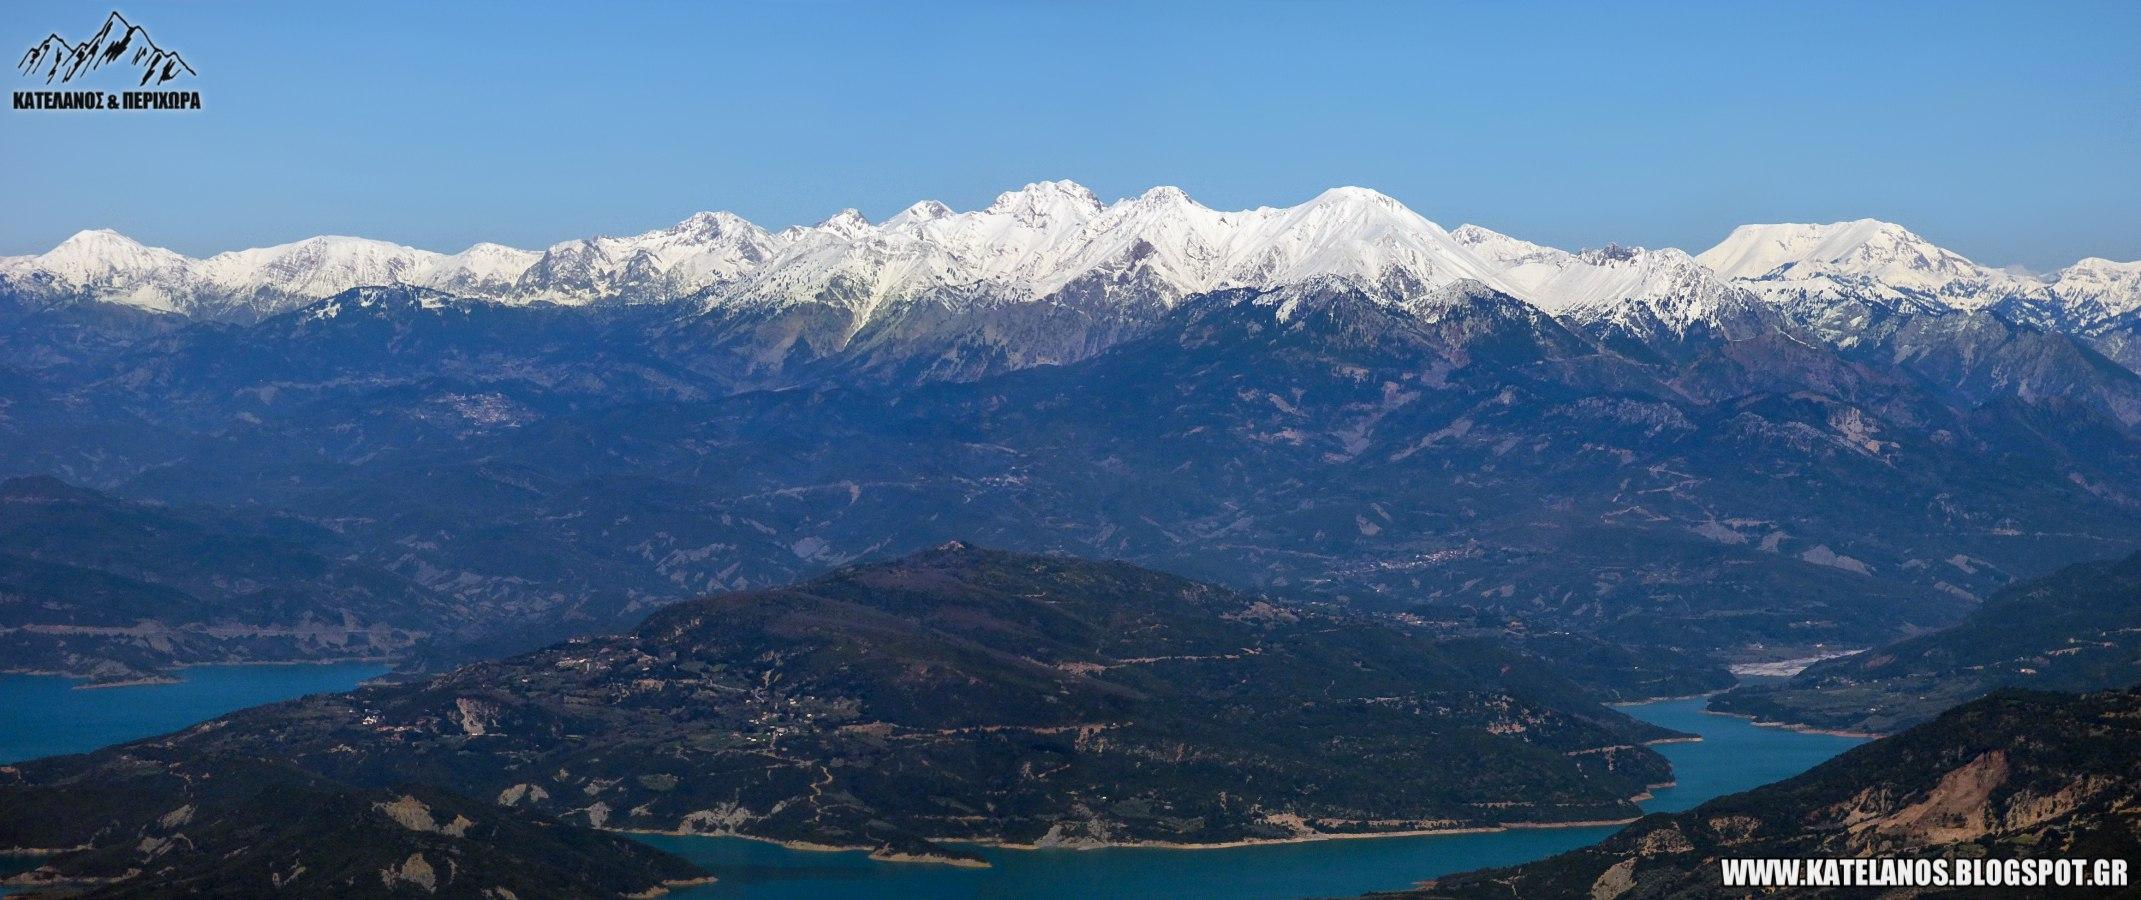 βουνα δυτικων αγραφων δυτικα αγραφα χιονισμενα χειμωνας φτερη λιακουρα λιμνη κρεμστων ευρυτανια